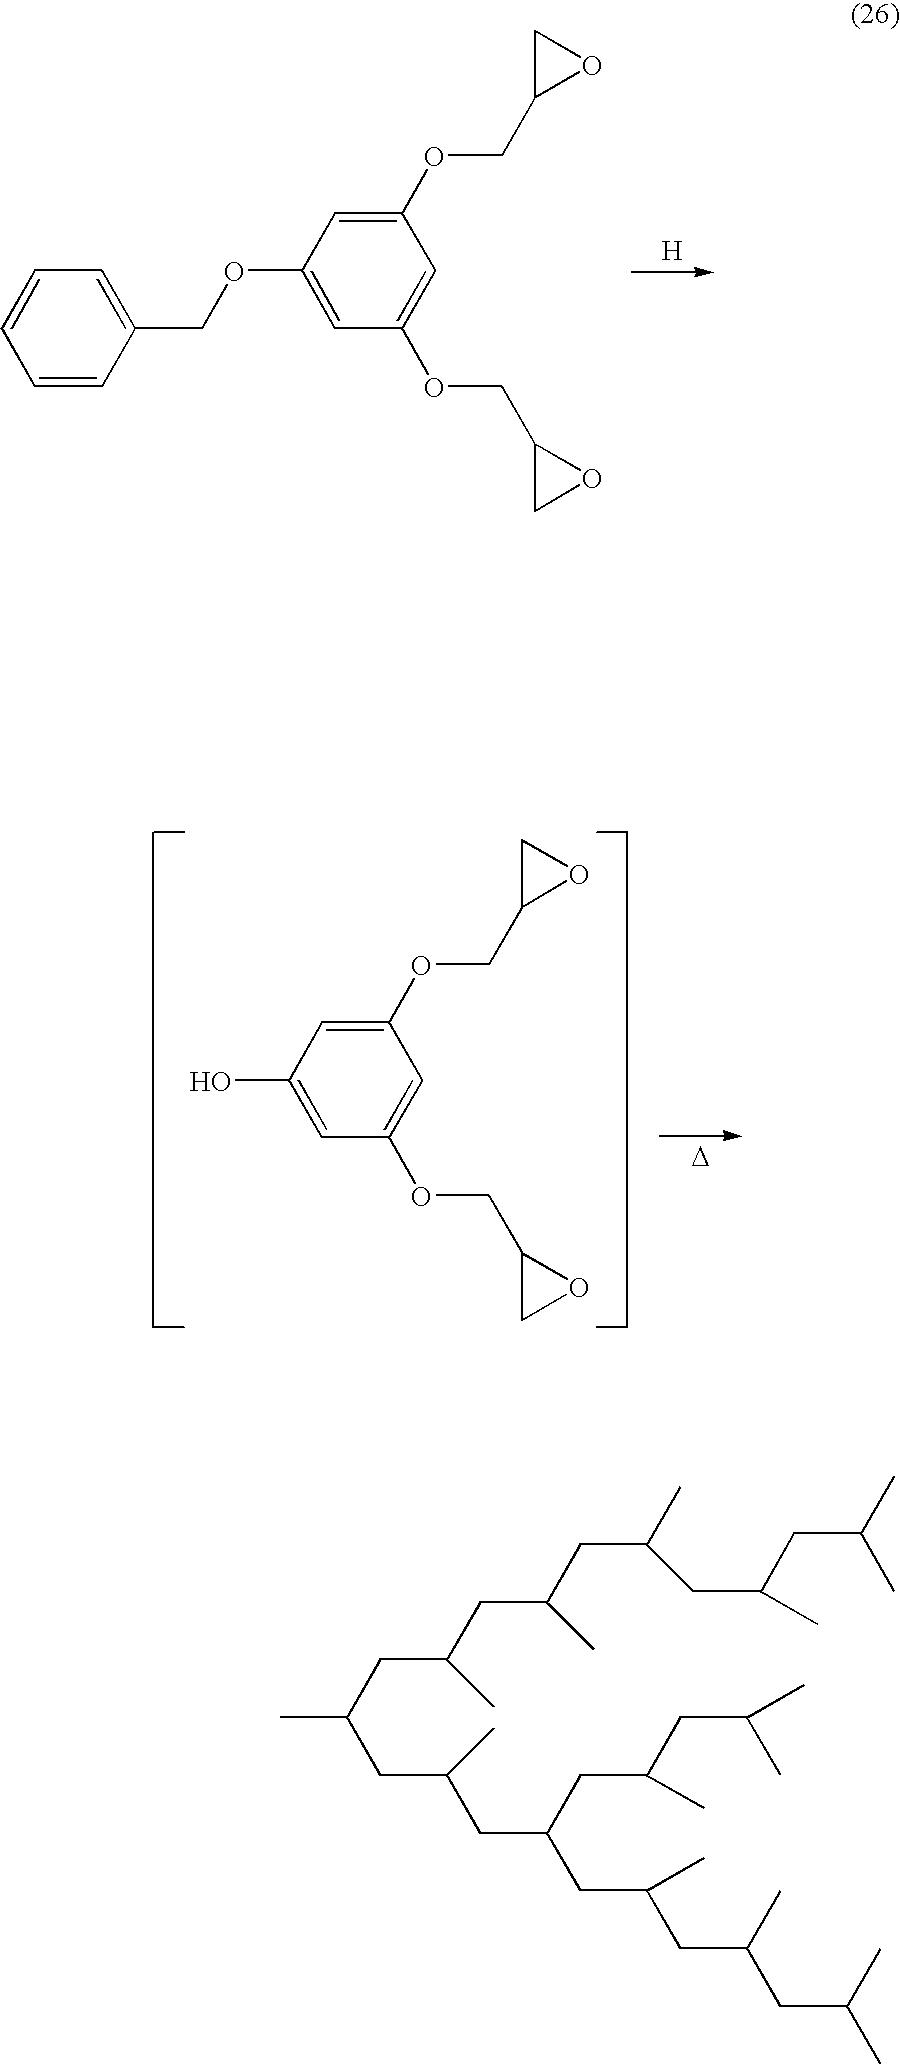 Figure US20100271428A1-20101028-C00025